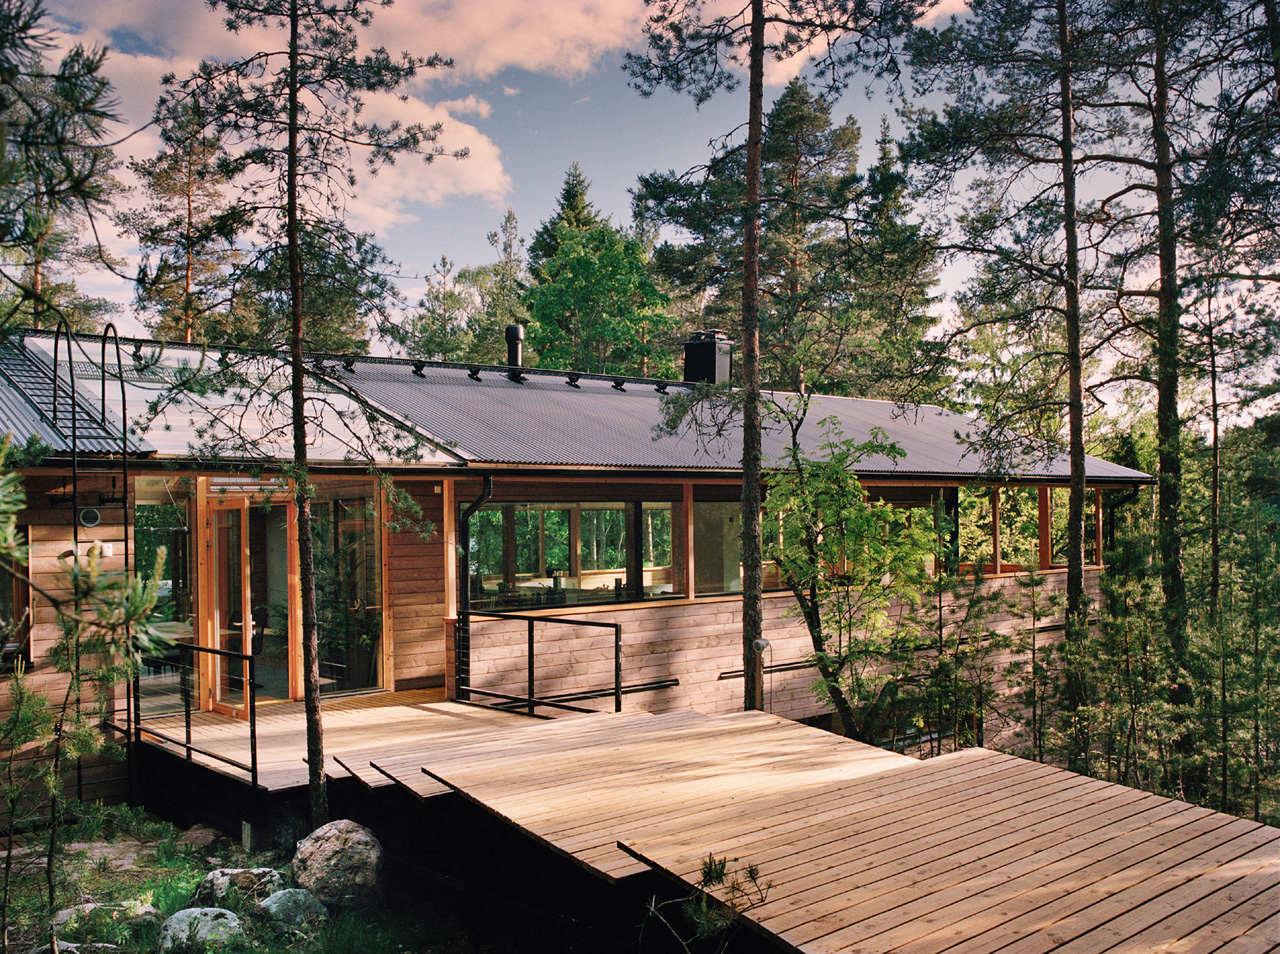 House Kekkapaa / POOK Arkkitehtitoimisto Oy + Katariina Rautiala and Pentti, © Antti Hahl